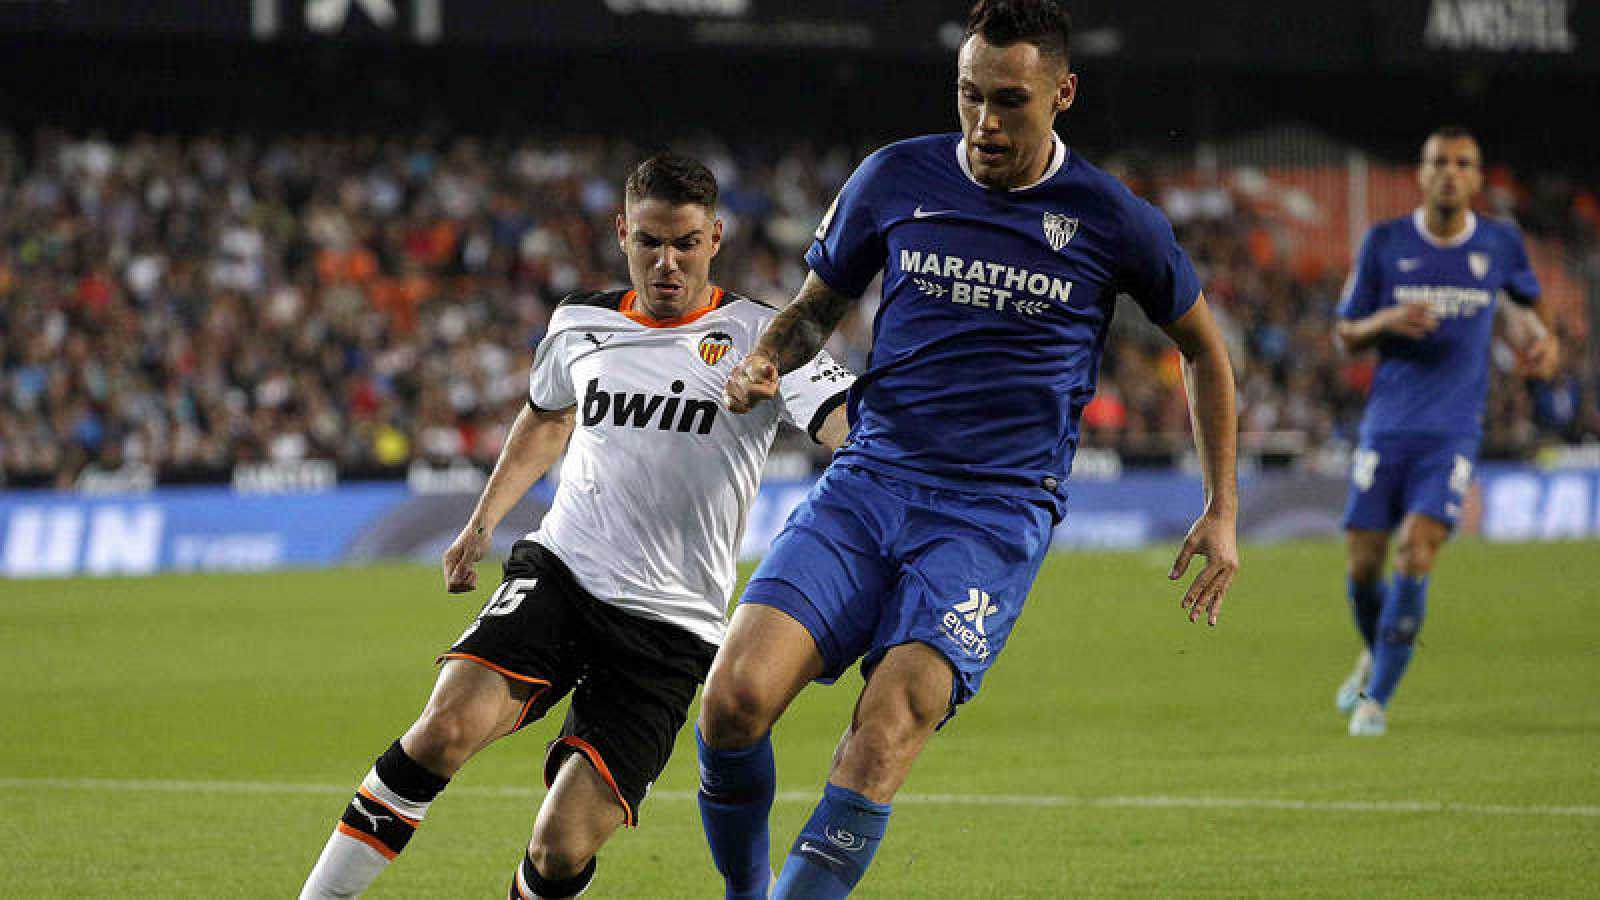 El delantero del Valencia CF Manu Vallejo disputa un bal'pn con Lucas Ocampos.